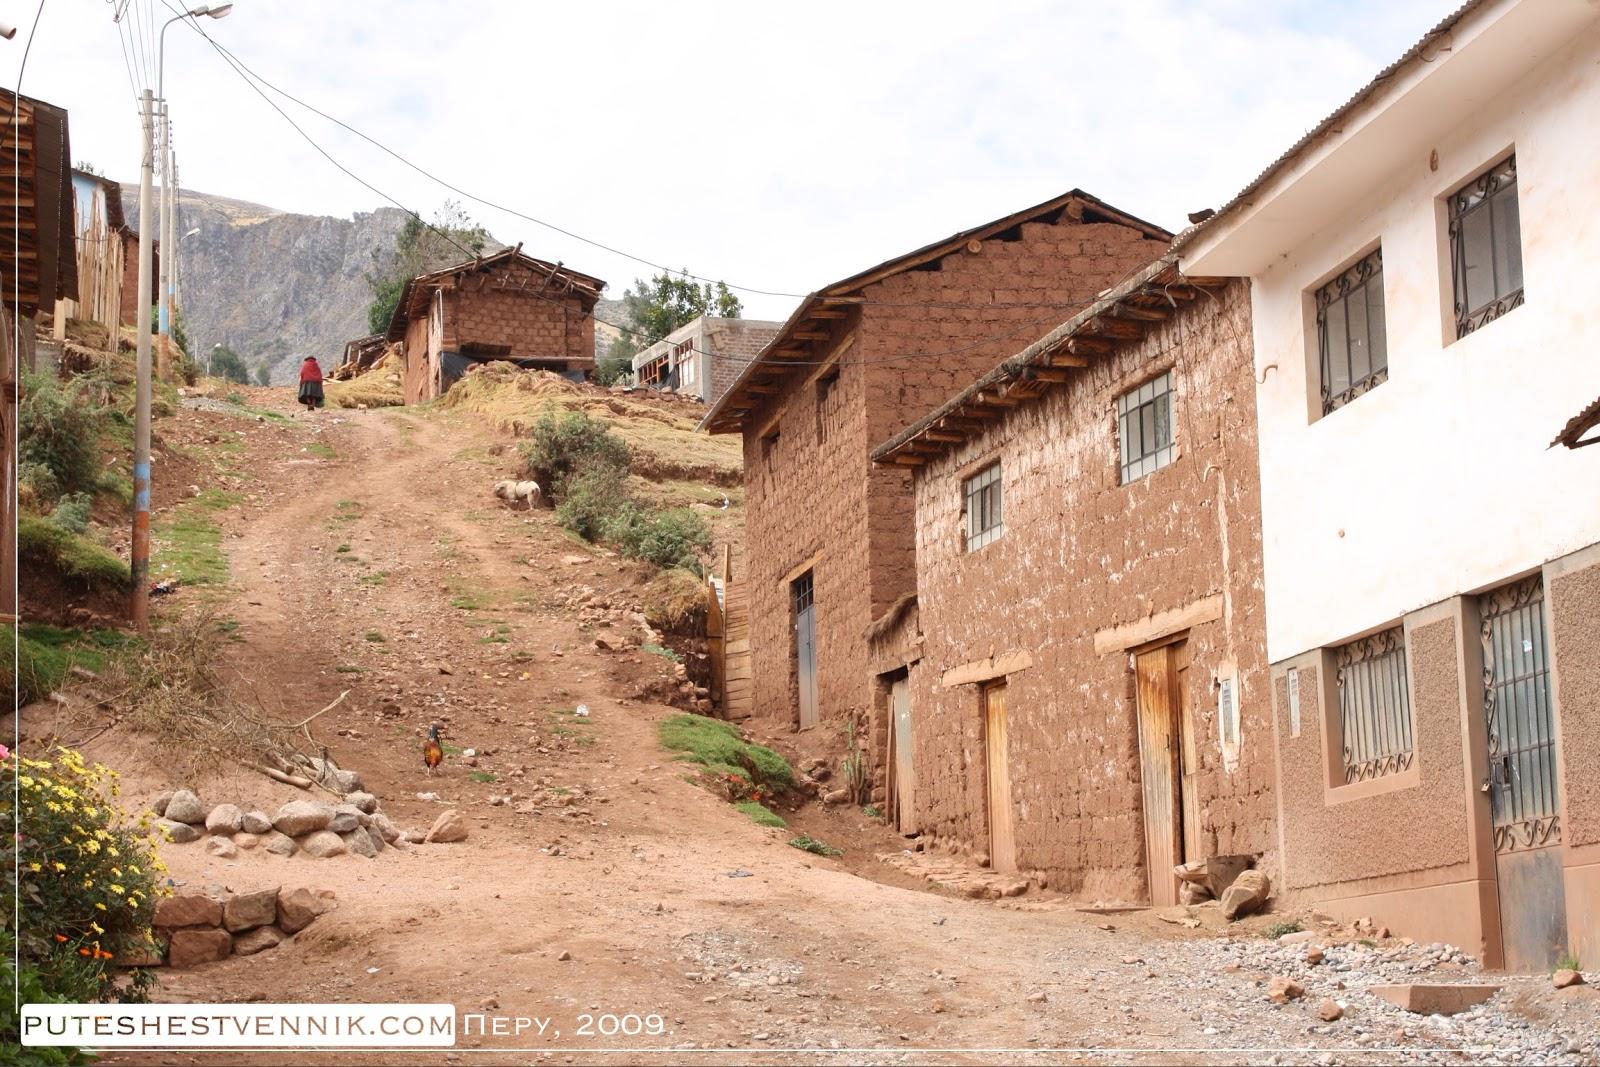 Крутой подъем на улице деревни в Перу